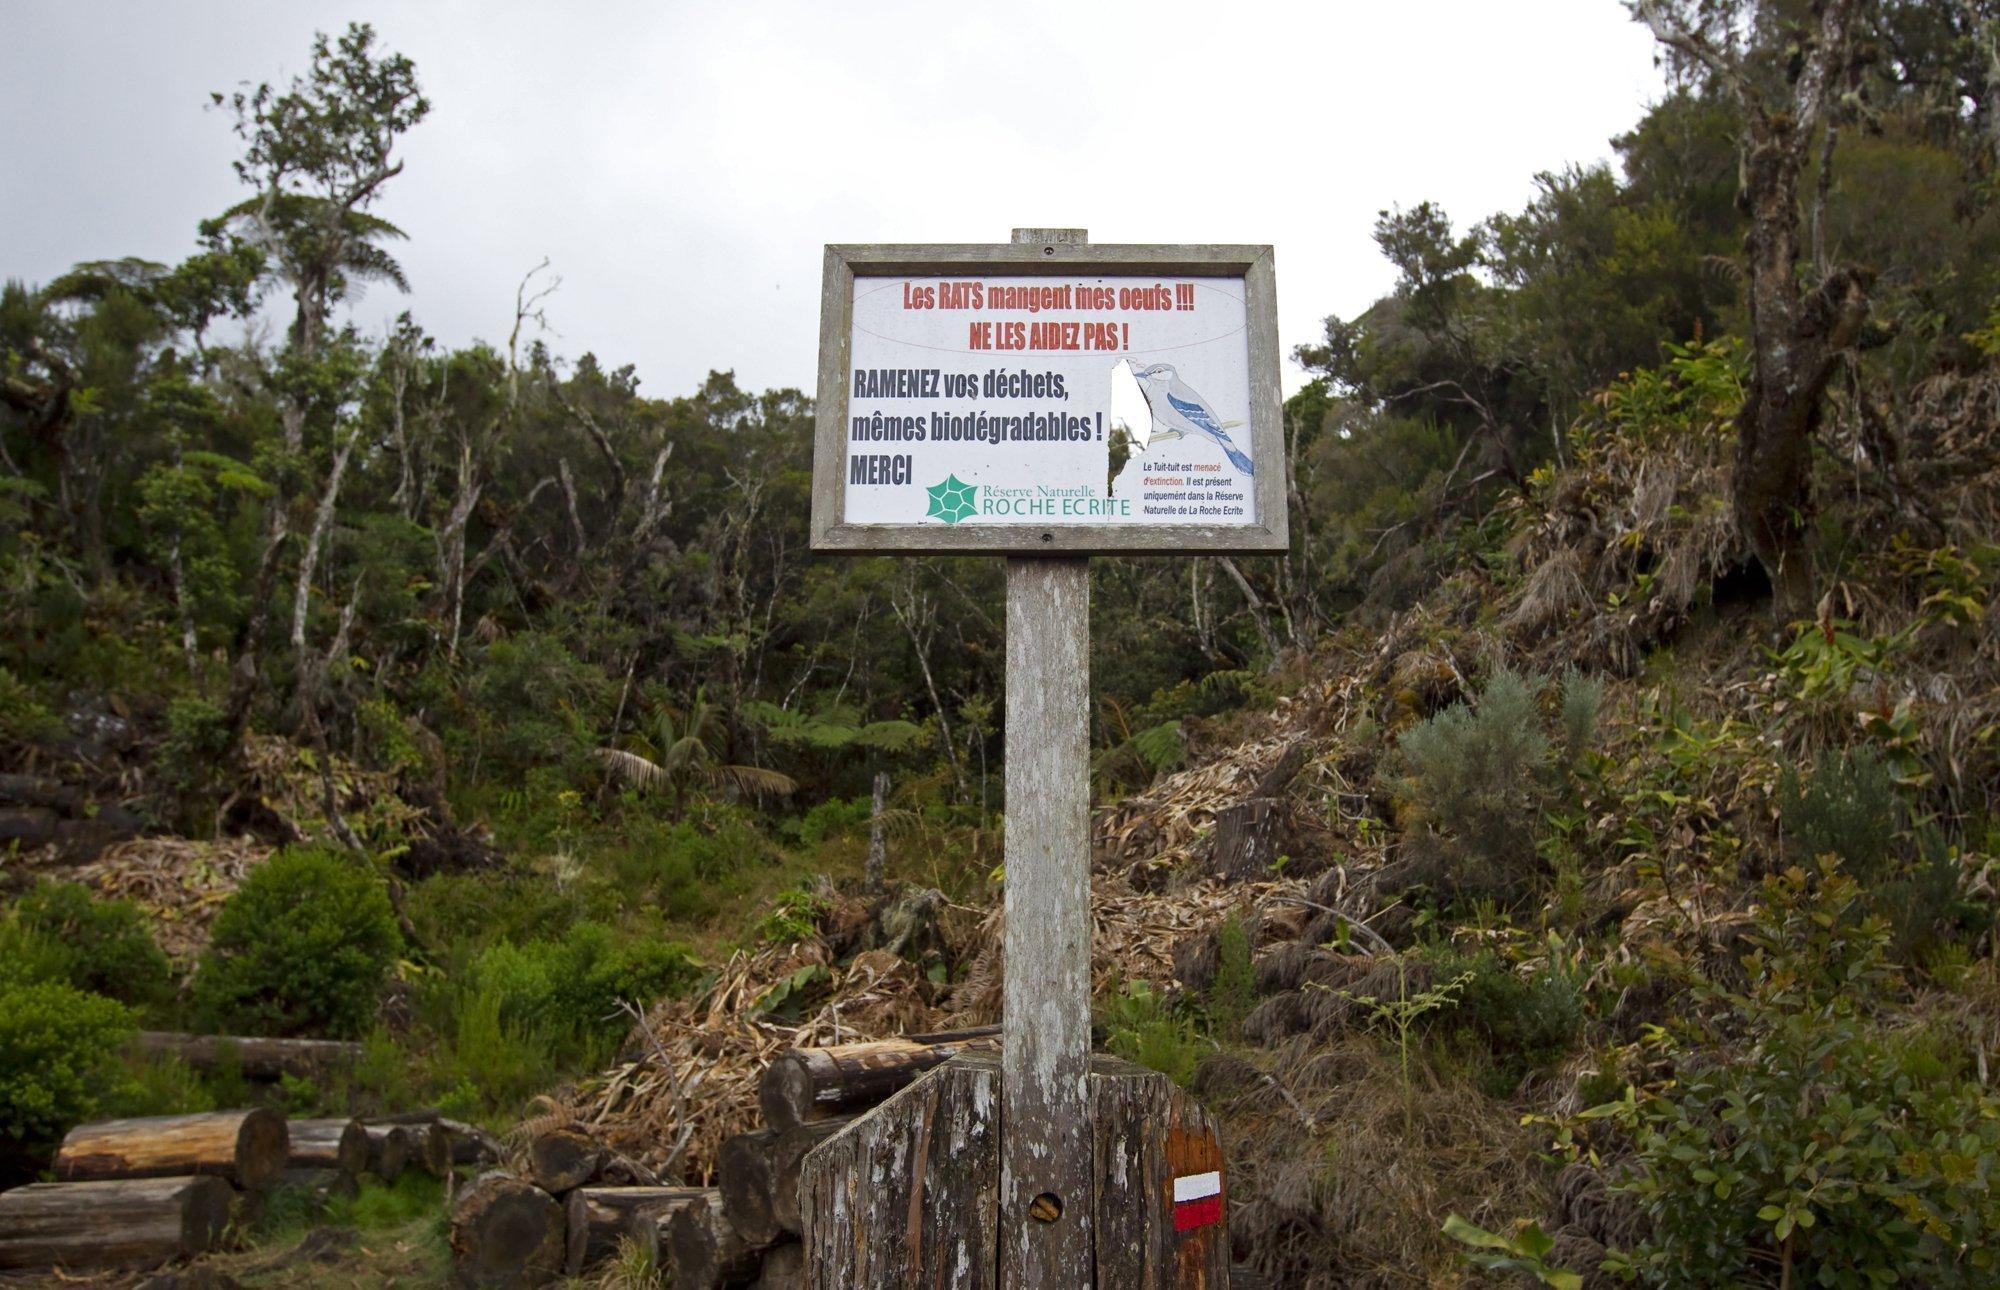 """Ein Hinweisschild mit der französischen Inschrift:. """"Die Ratten fressen meine Eier!!! Helfen Sie ihnen nicht"""", """"Nehmen Sie Ihren Abfall mit, auch Bioabfall"""" in einem Brutgebiet des Tuit Tuit auf La Reunion"""